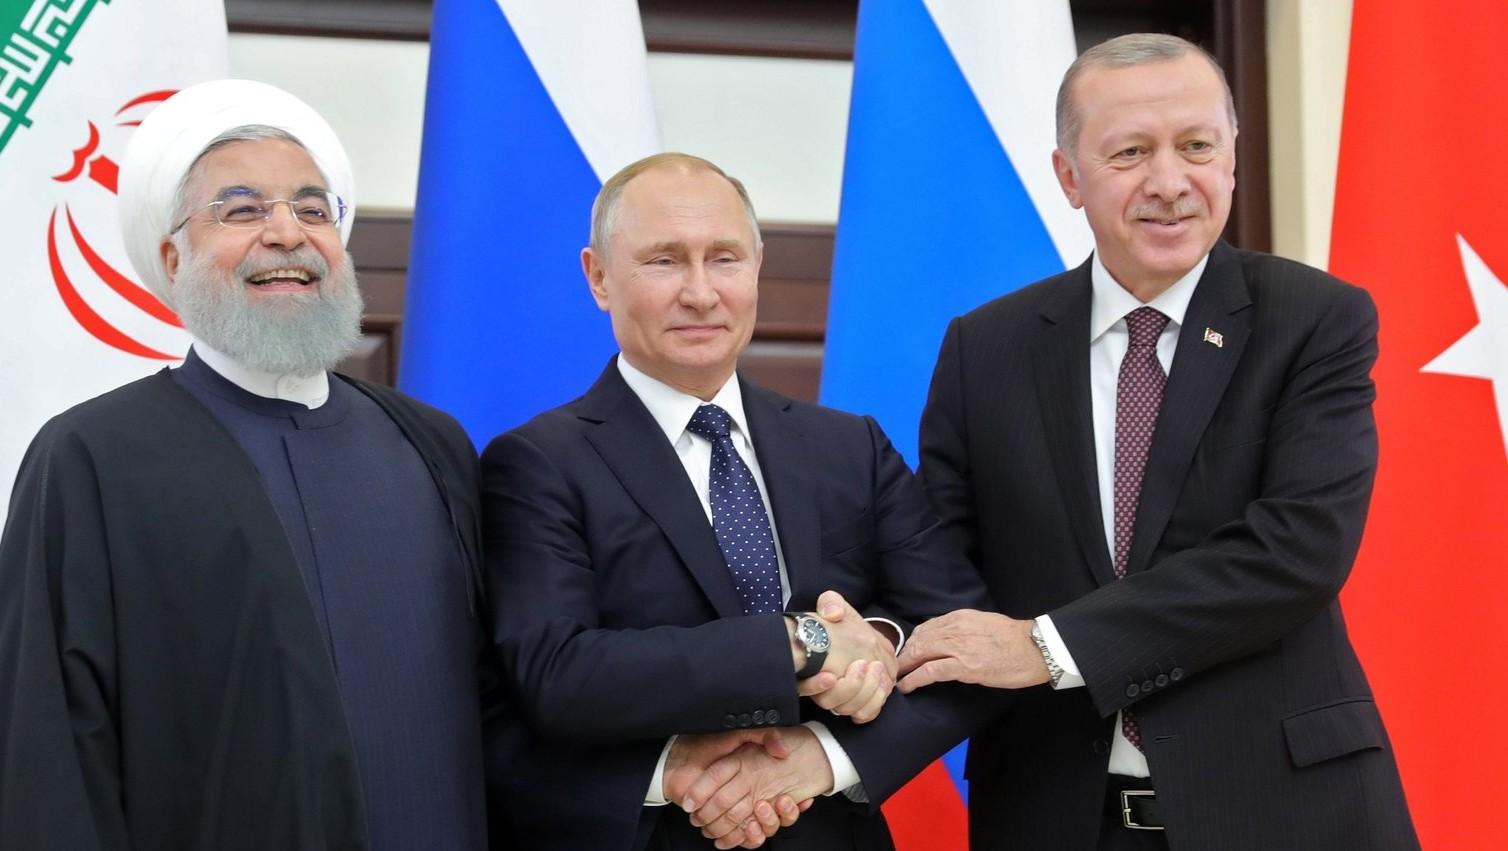 Haszan Róháni iráni, Vlagyimir Putyin orosz és Recep Tayyip Erdogan török elnök (b-j) a szíriai válság rendezéséről tartott csúcstalálkozón a szocsi Bocsarov Rucsejben 2019. február 14-én. MTI/EPA/POOL/Szergej Csirikov